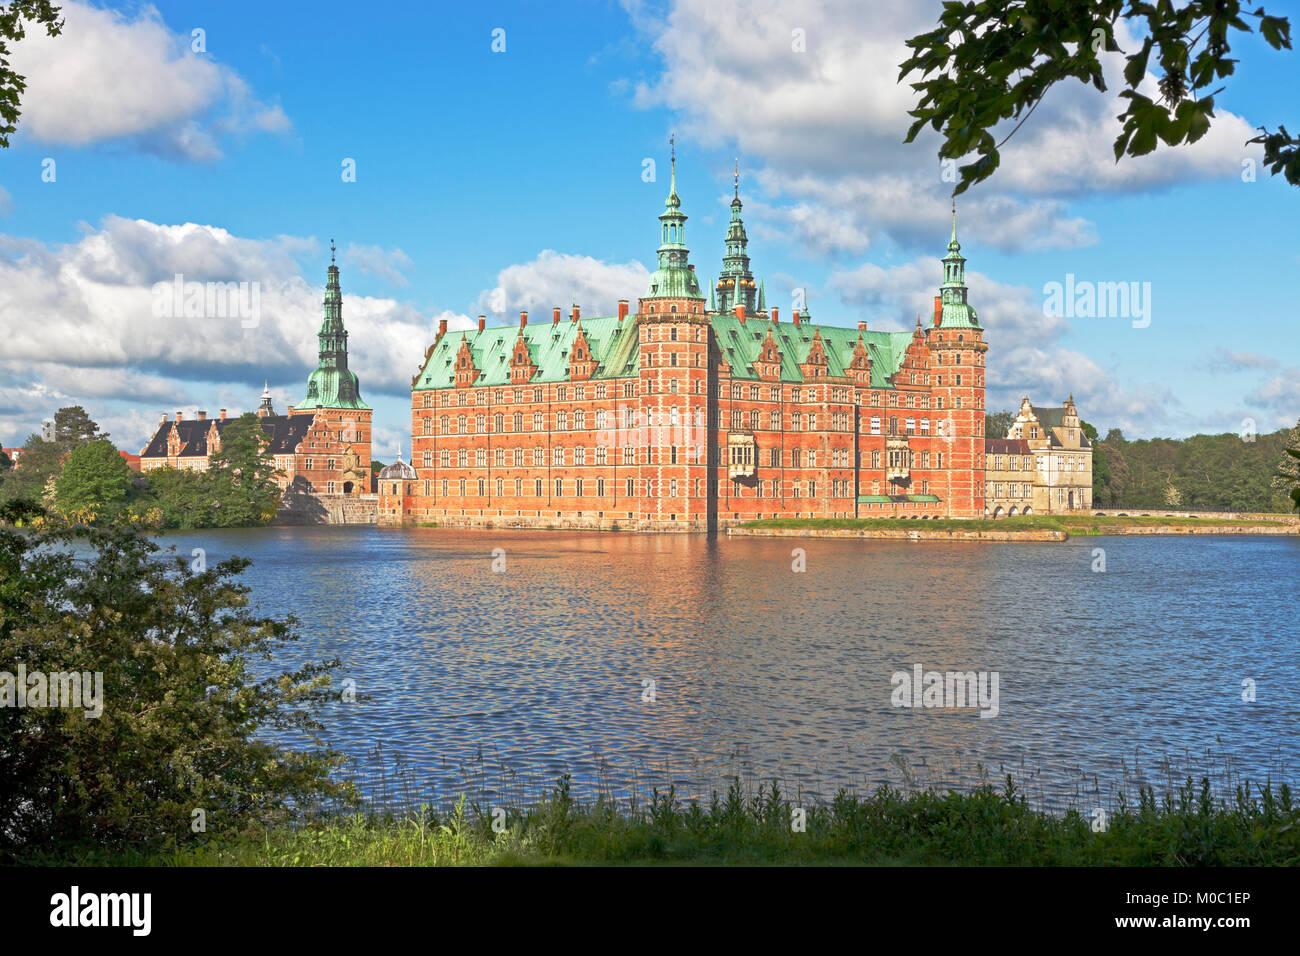 Il Castello di Frederiksborg in stile rinascimentale olandese a Hillerød, North Sealand, Danimarca, in un luminoso sole mattutino estivo visto attraverso le foglie primaverili. Foto Stock